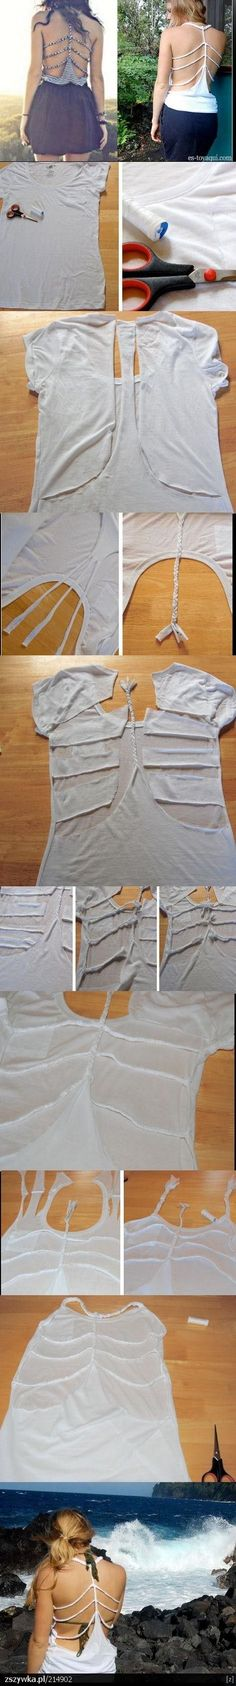 Eski Kıyafetleri Değerlendirme (4) | Moda, Kıyafet Modelleri, Bayan Giyim, Gelinlik Modelleri,Saç Bakımı Sosyetikcadde.com